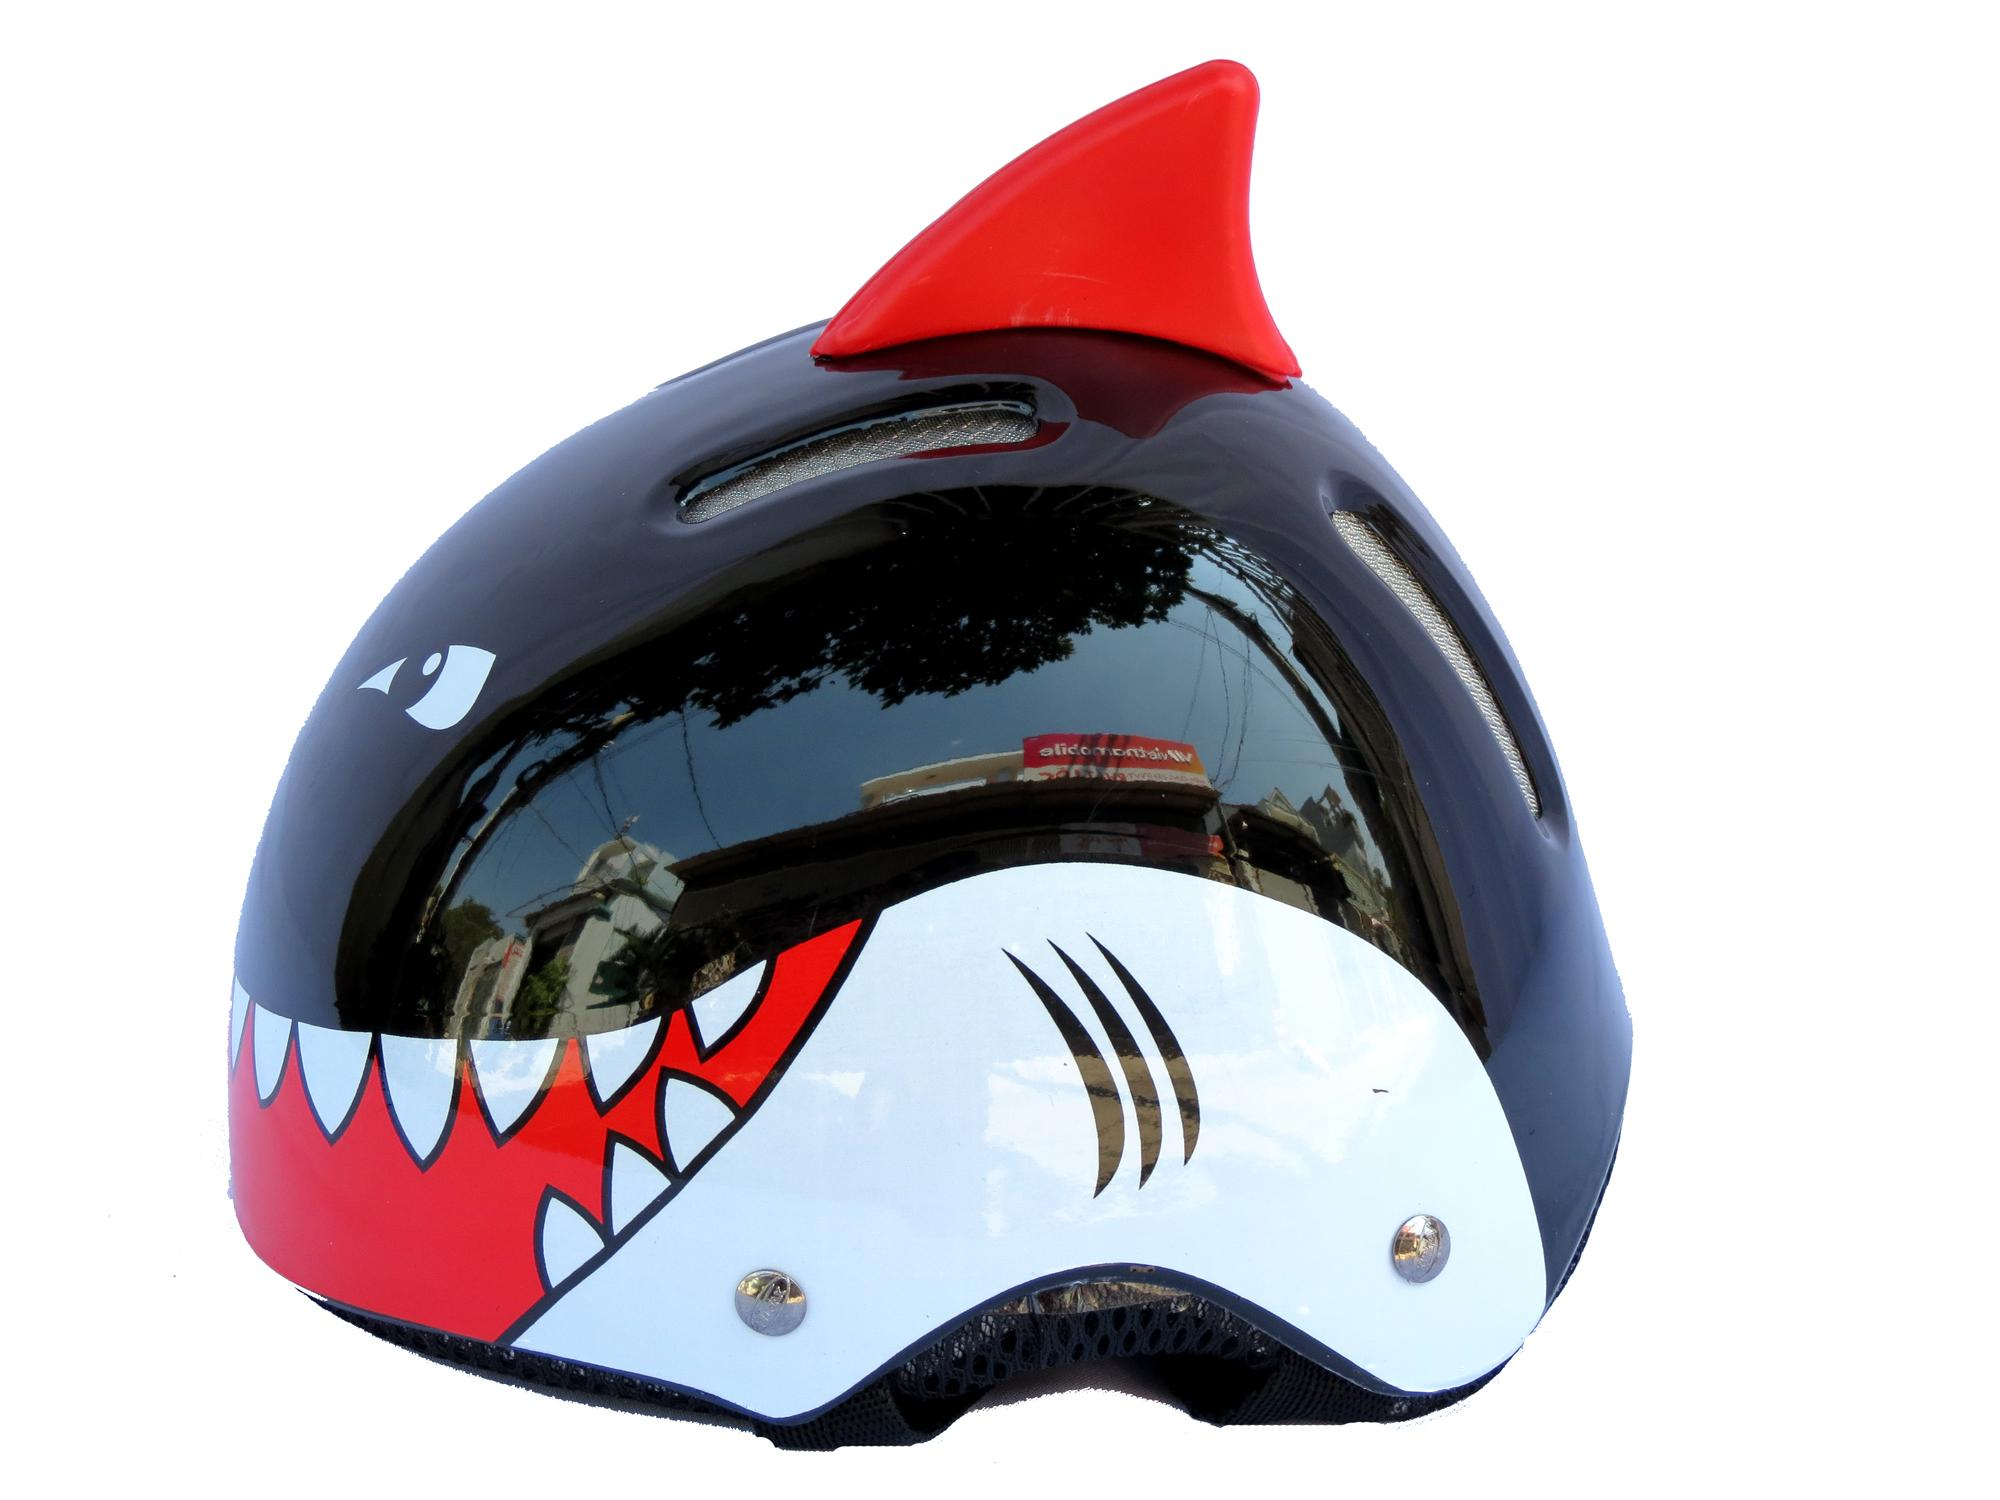 Giá bán Mũ bảo hiểm NTMAX cá mập 1 sừng trẻ em 4-10 tuổi